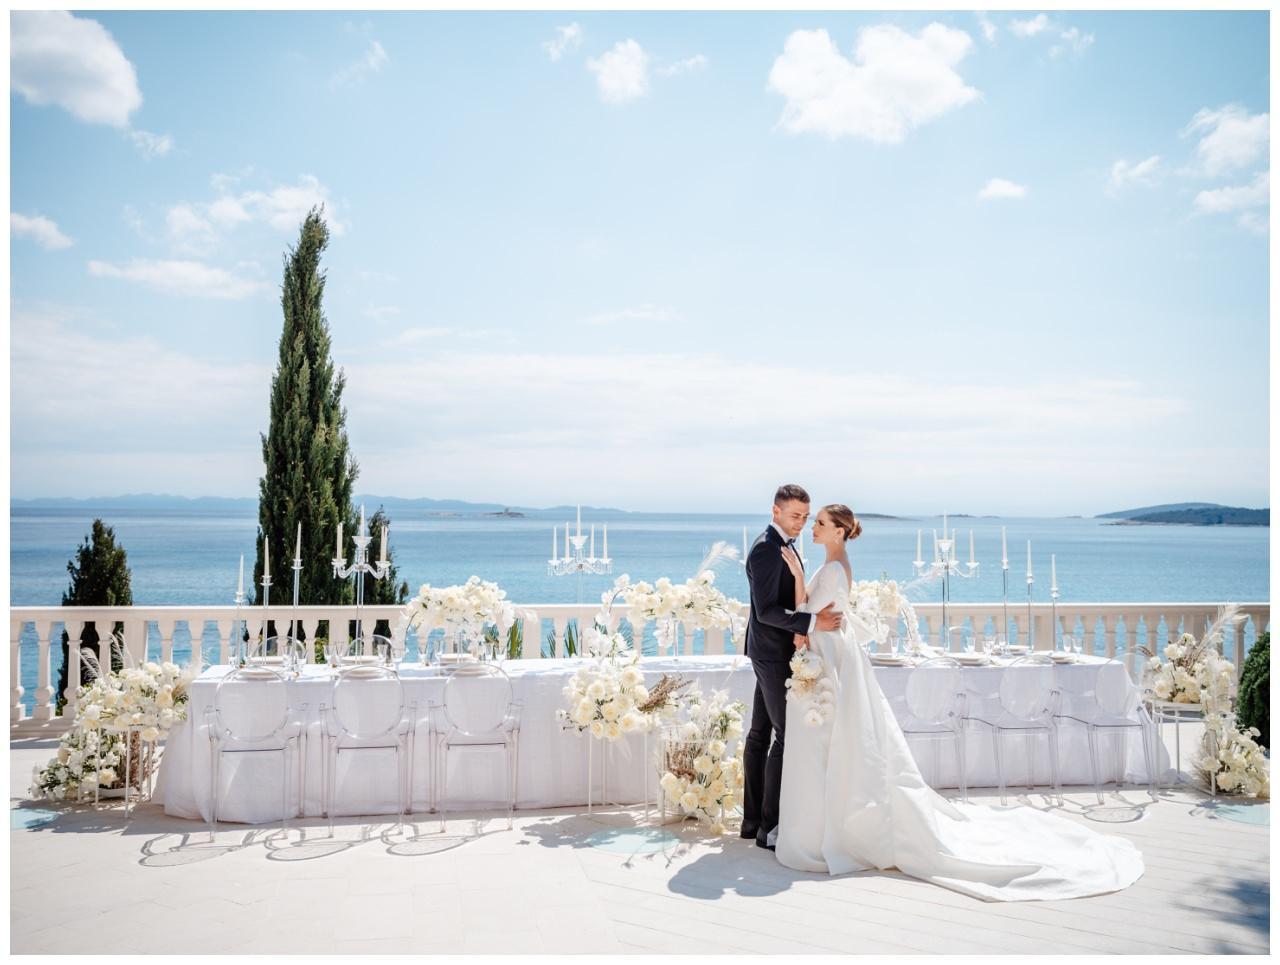 Hochzeit Kroatien Hochzeitsplanung Hochzeitsplaner Fotograf 24 - Luxuriöse Hochzeit in Weiß